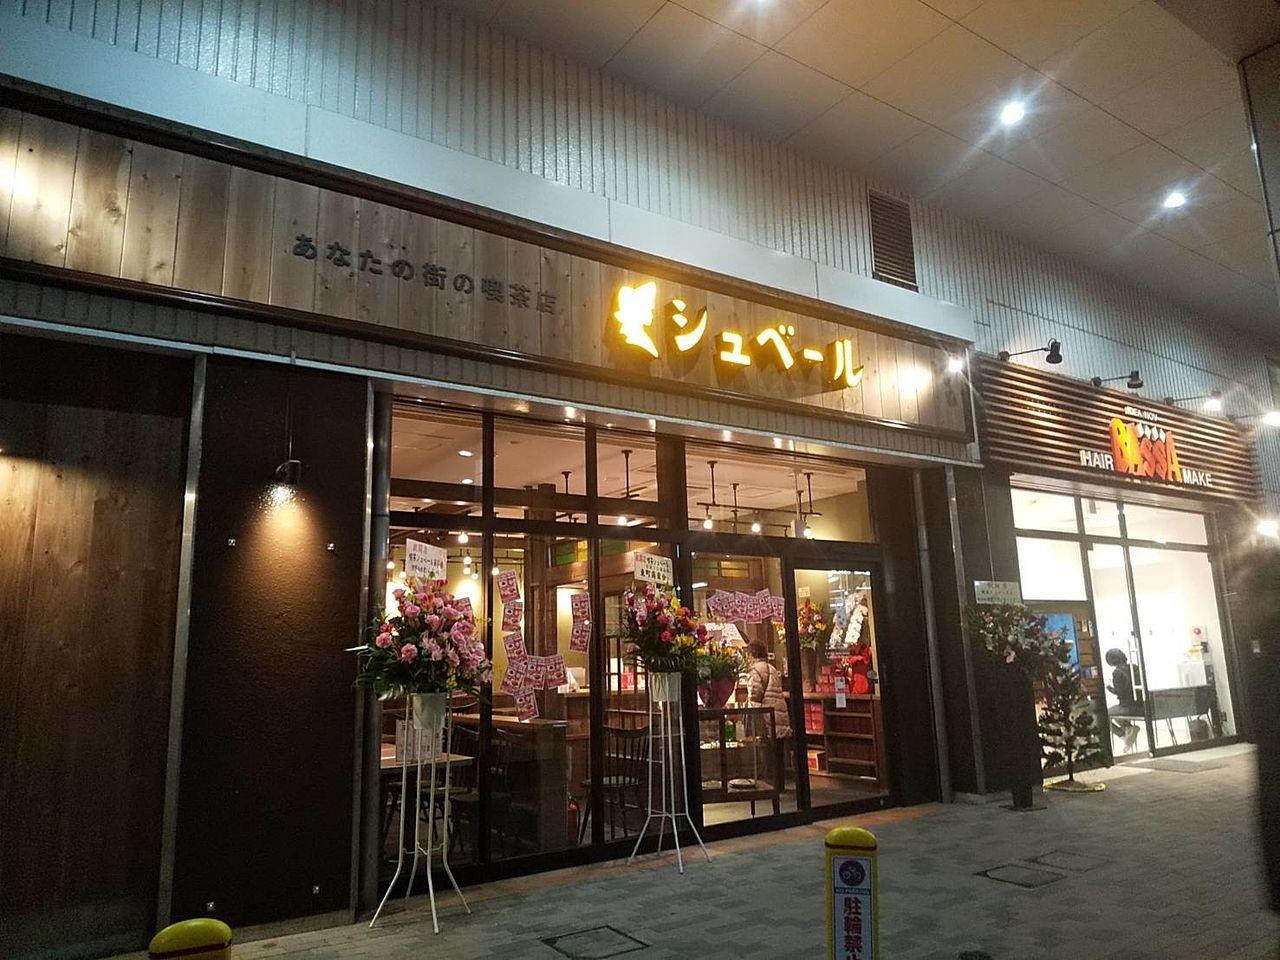 保谷駅 新規オープン 新感覚の喫茶店 たいやき